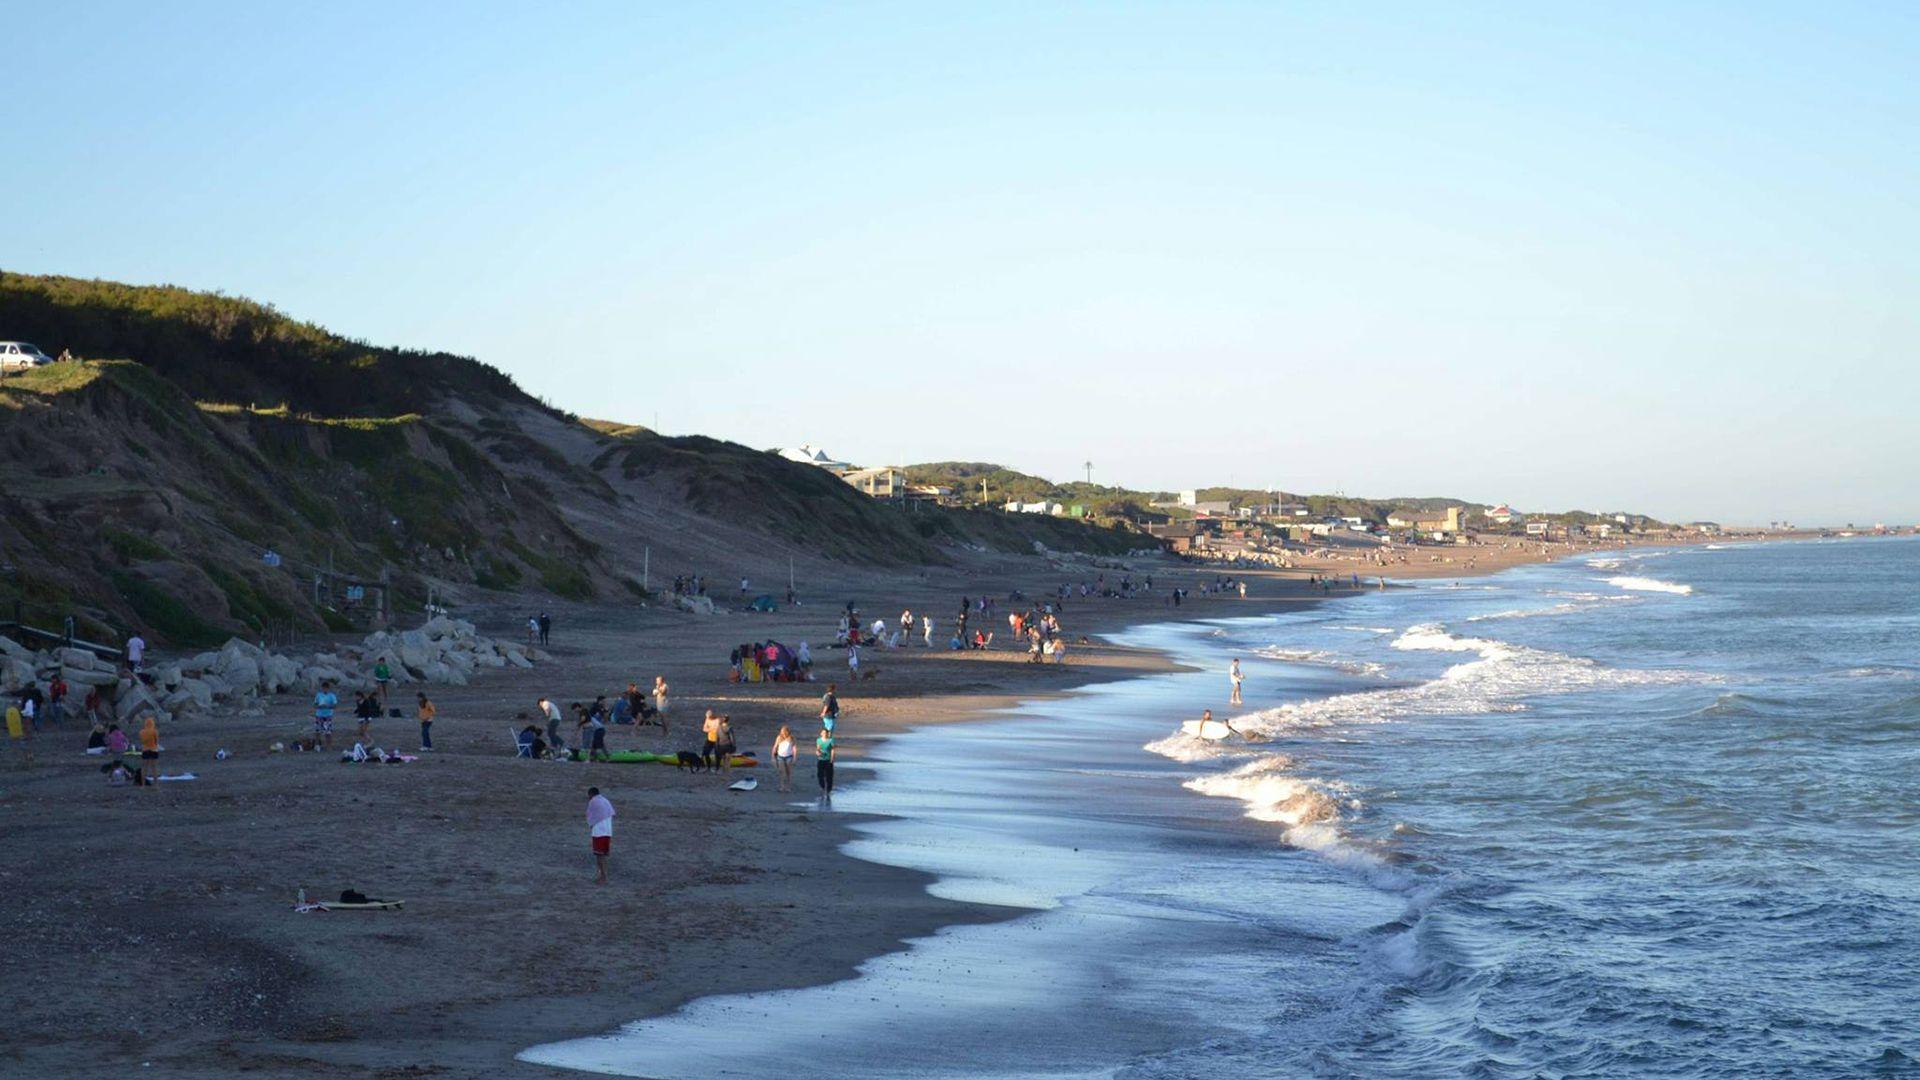 Por el lado de las playas habrá que respetar medidas generales de distanciamiento y uso de tapabocas (Facebook)